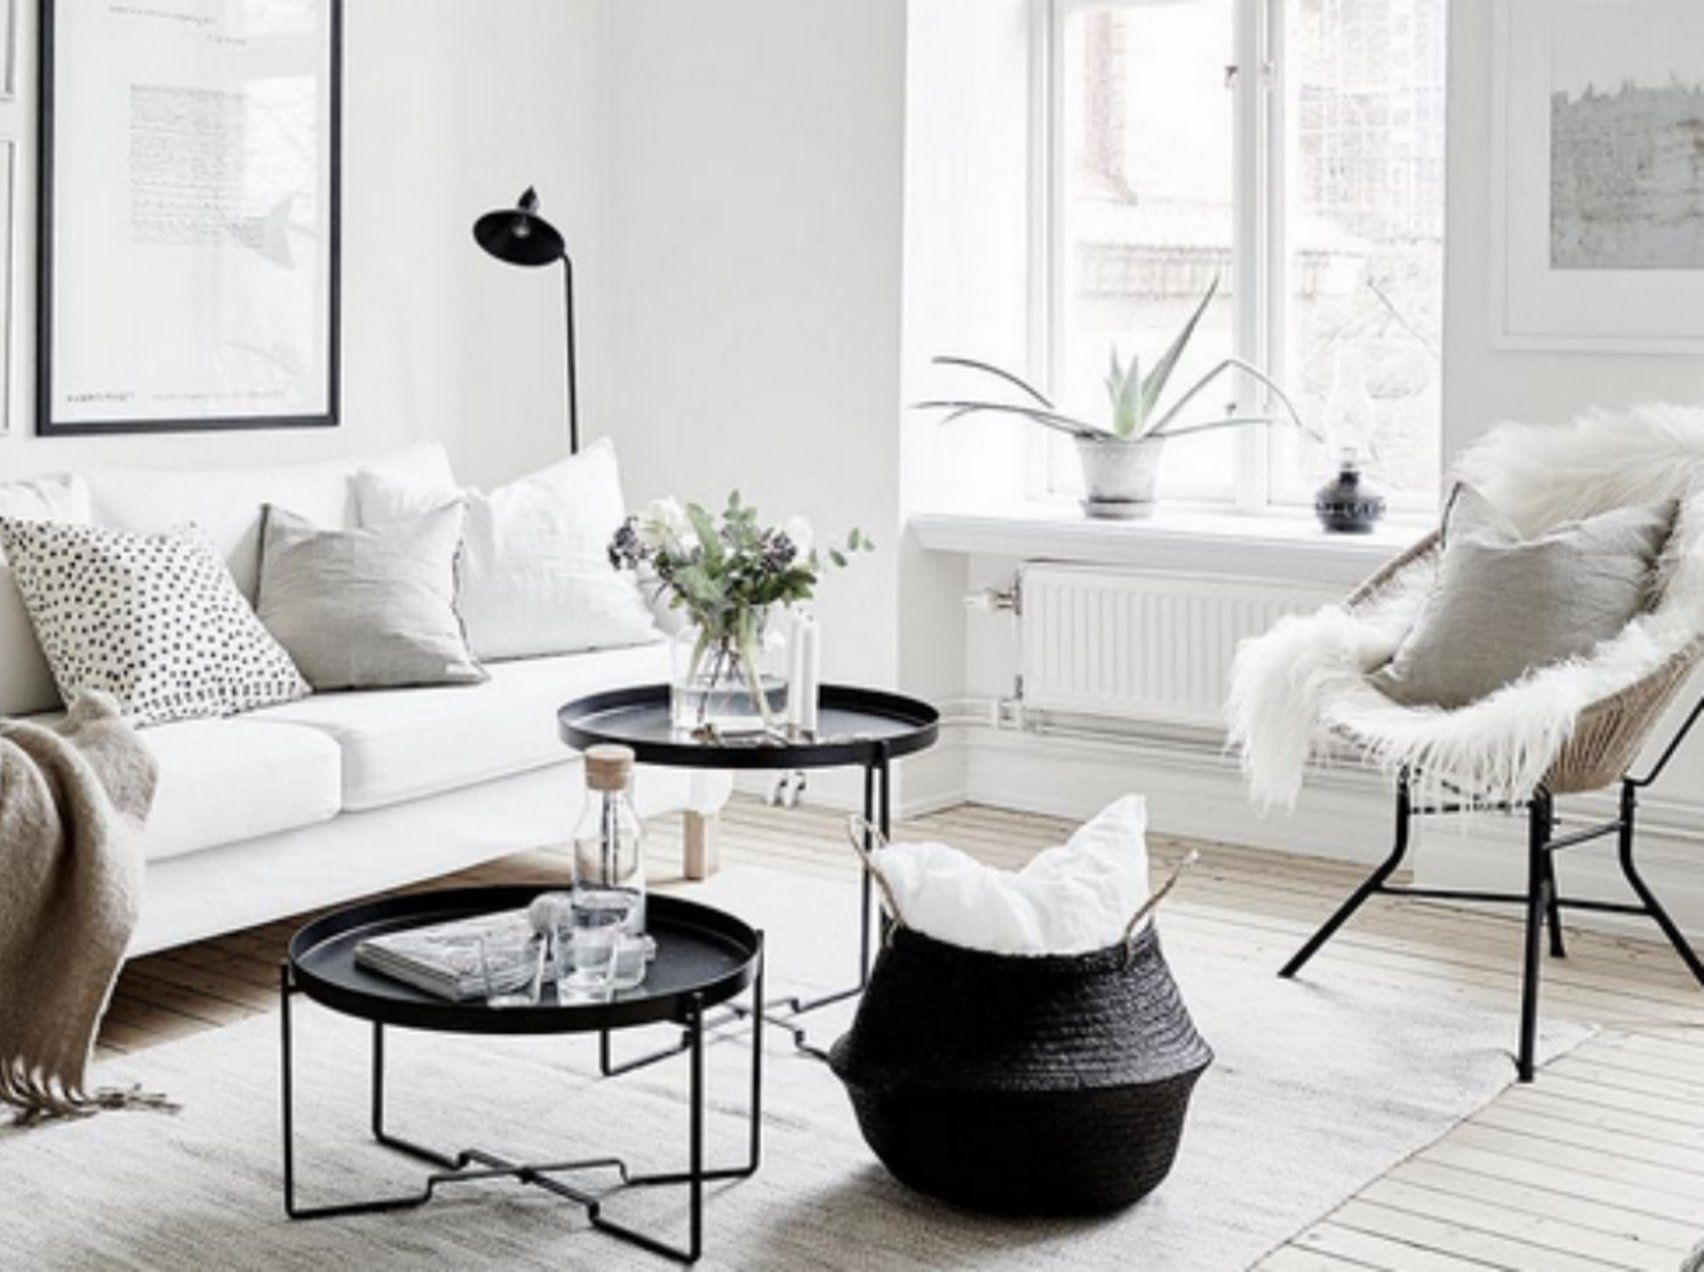 7 deko tricks mit denen deine wohnung gr er wirkt als sie ist interieur pinterest. Black Bedroom Furniture Sets. Home Design Ideas